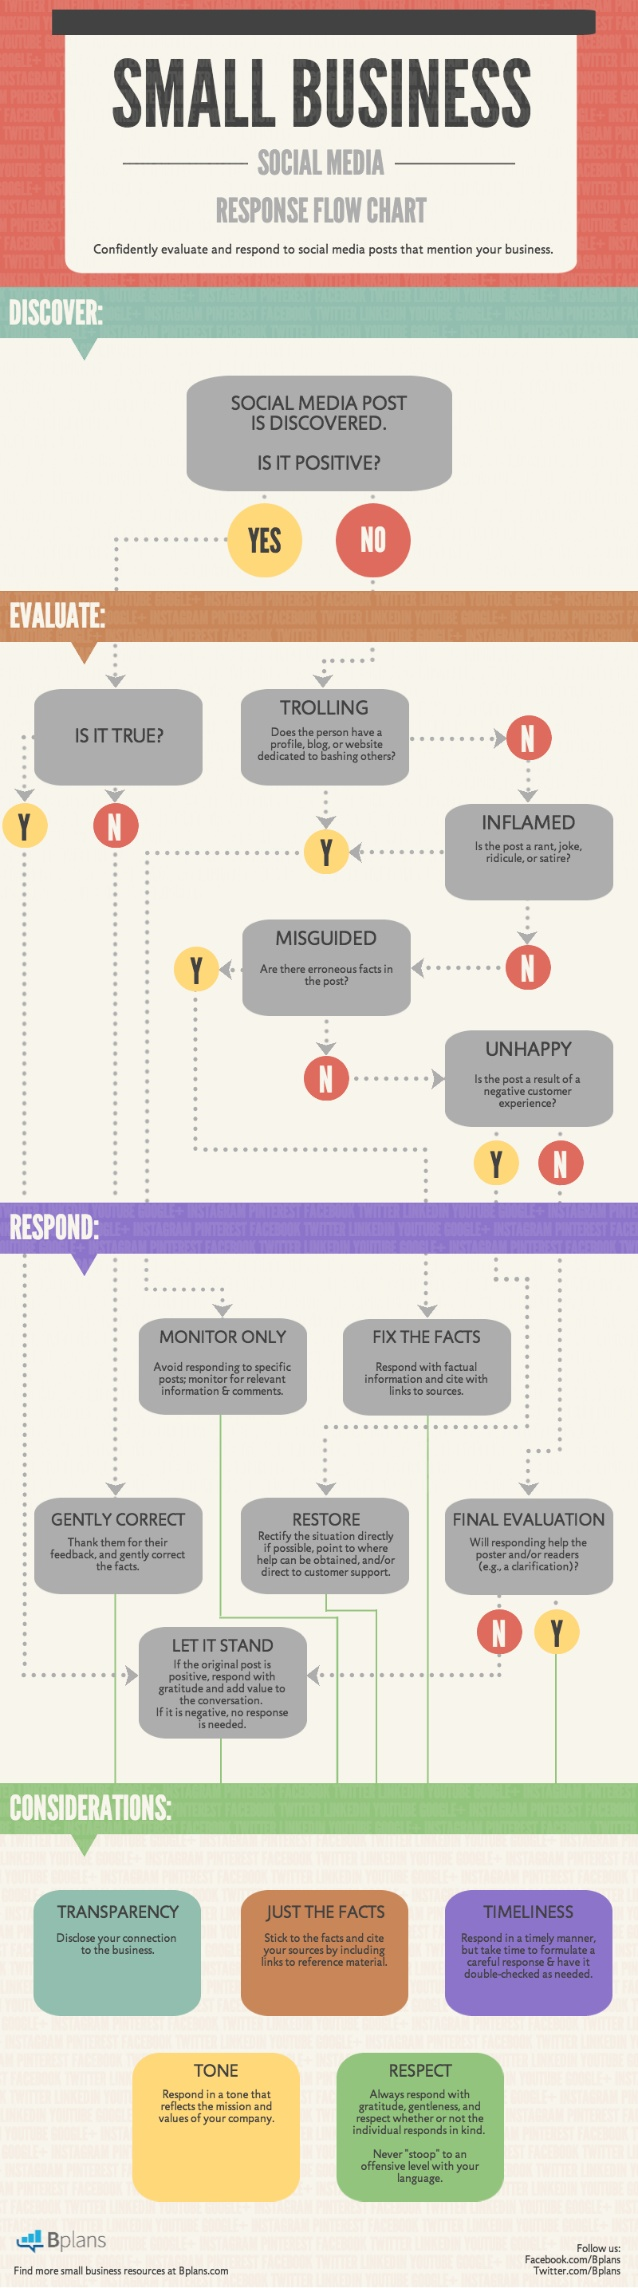 Cómo debe responder una pyme en Redes Sociales: diagrama de flujo